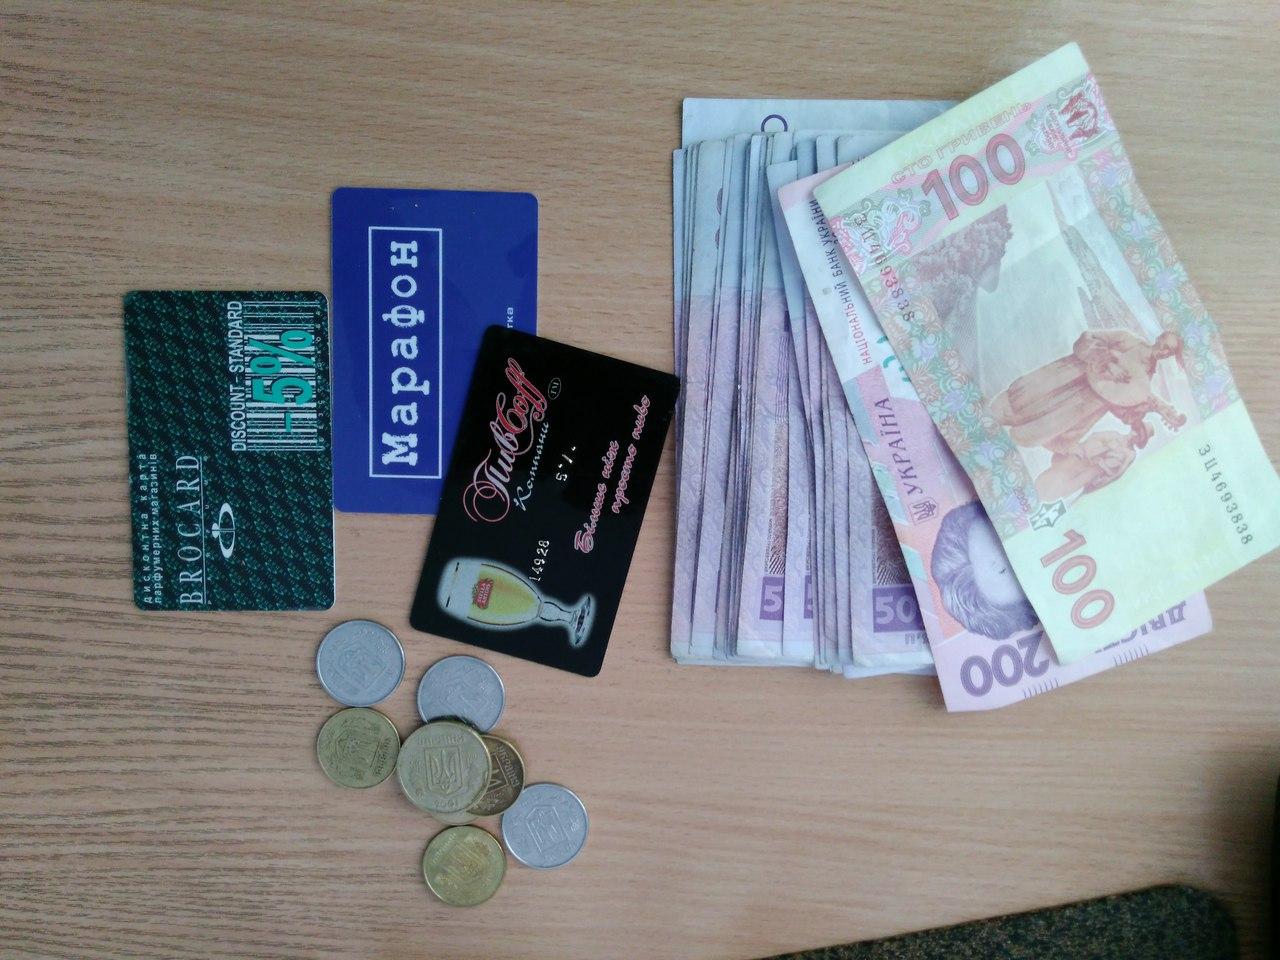 Другие - Украина: Кожаный кошелек Turtle или брутальность ручной работы